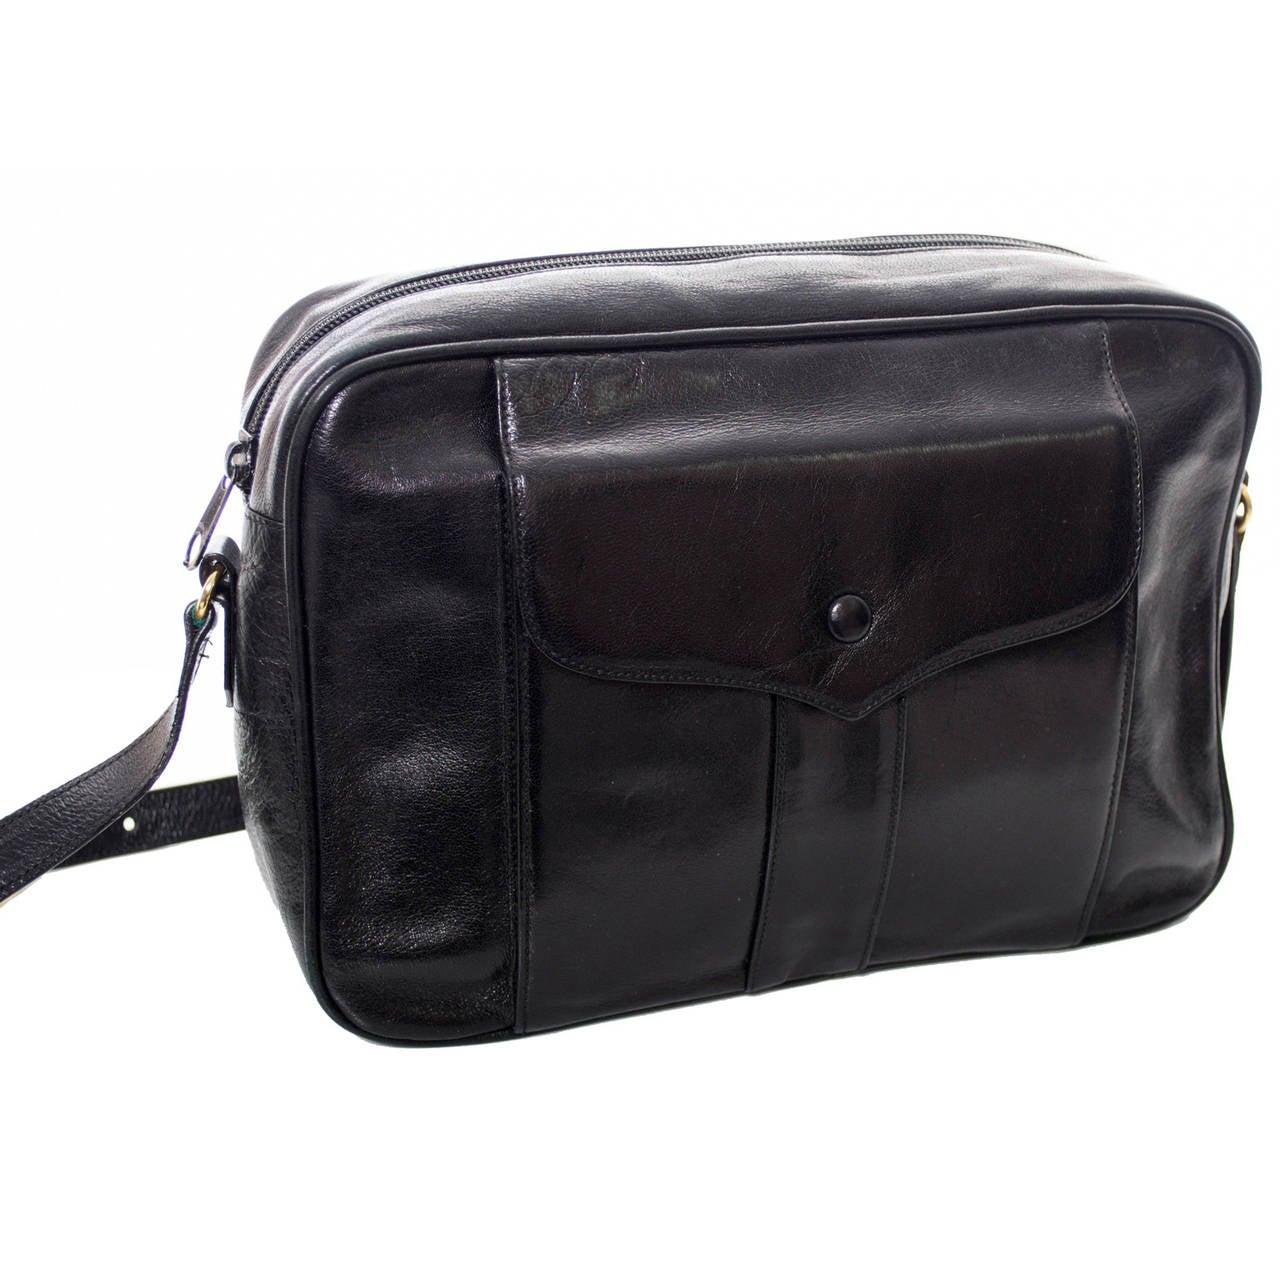 yves saint laurent ysl vintage handbag 1970s quilted leather shoulder bag